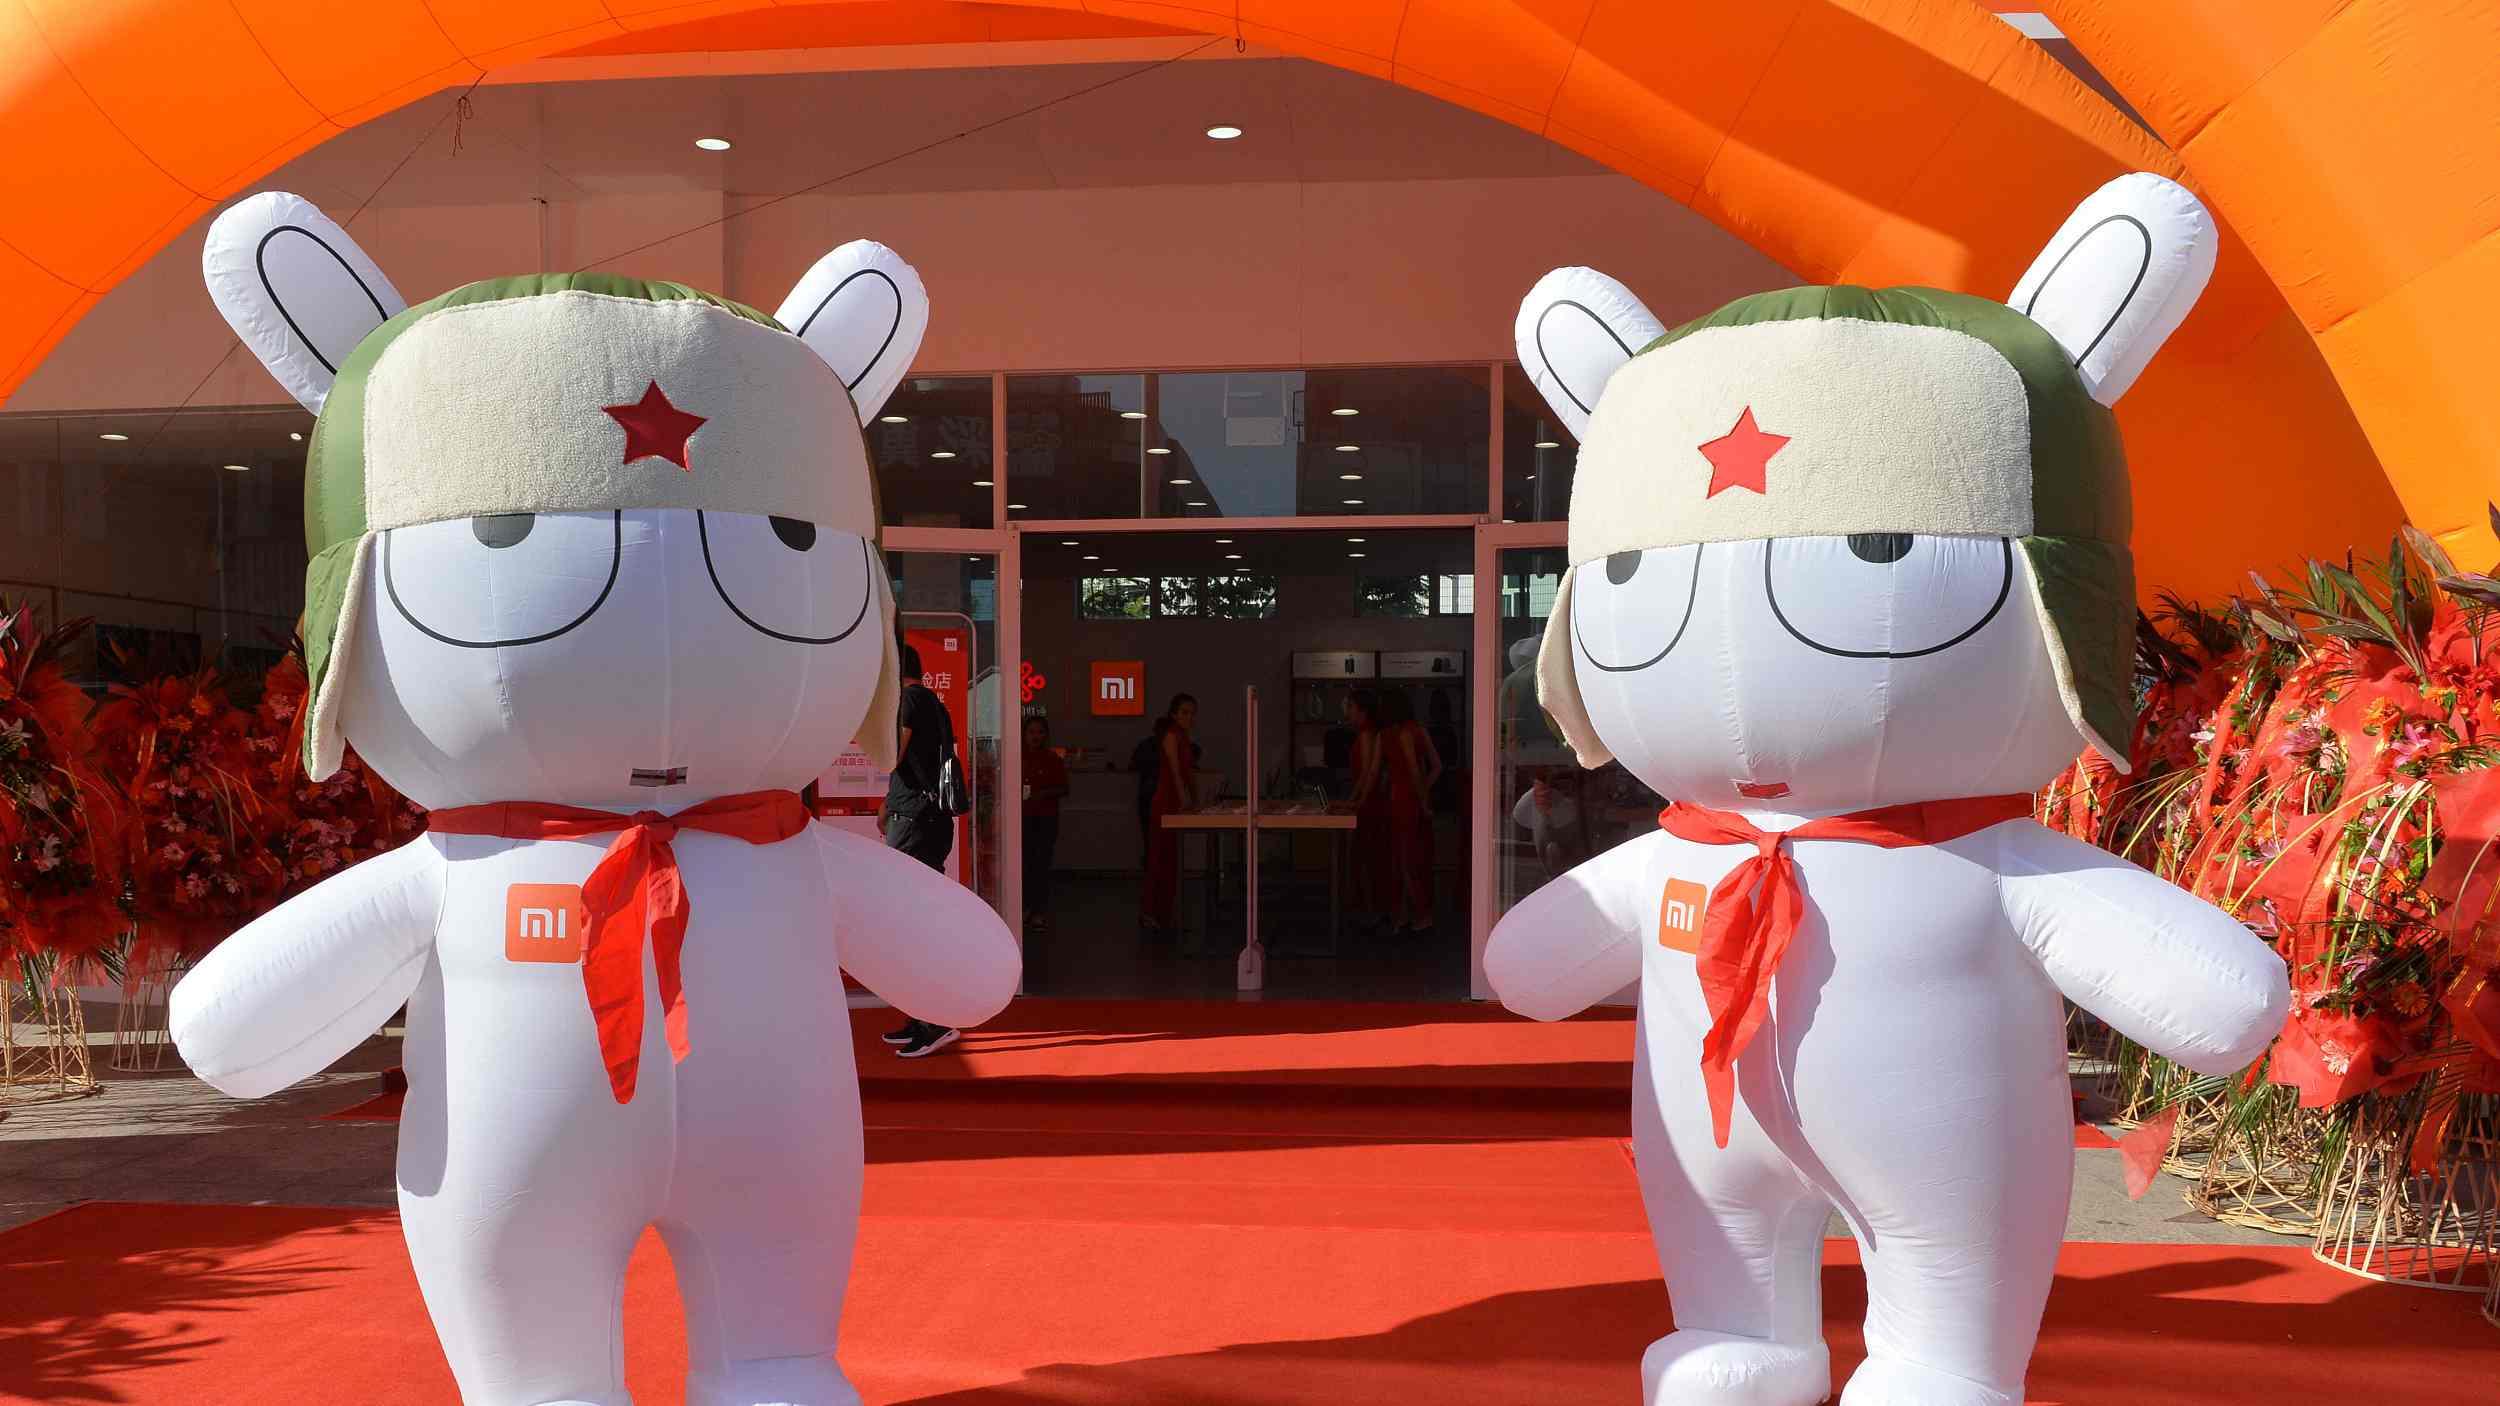 Resultado de imagen para xiaomi mascot